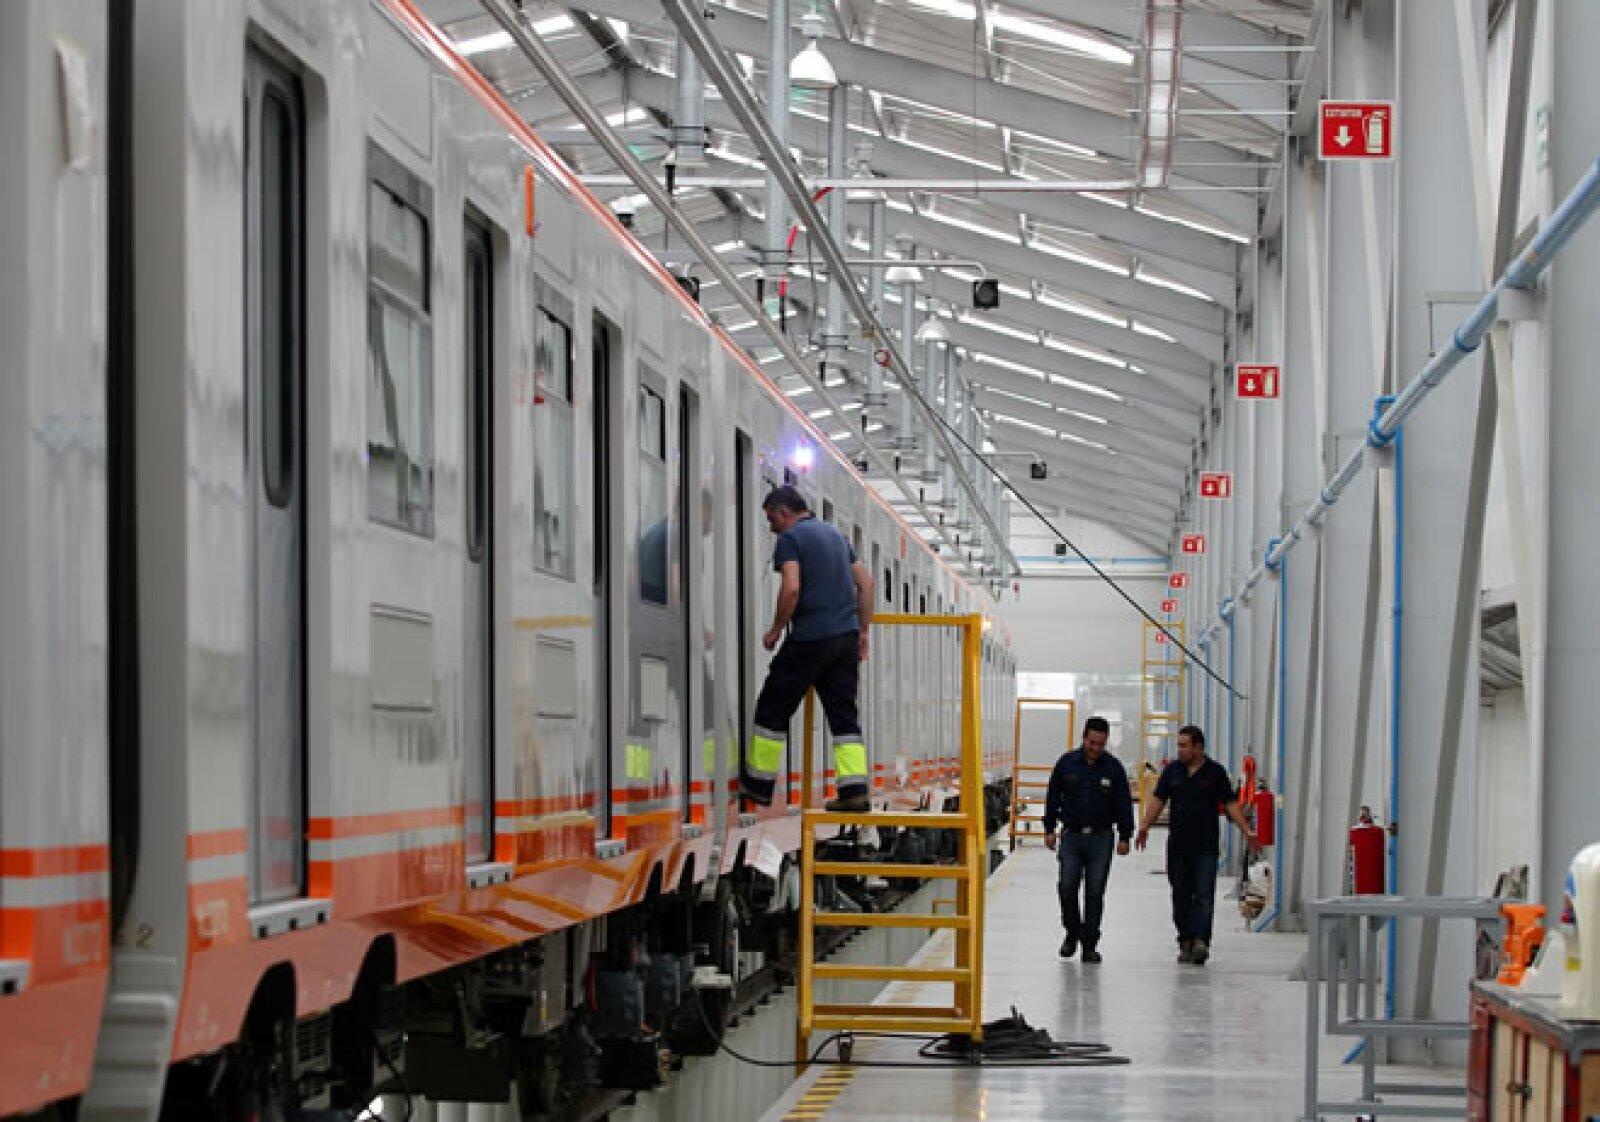 Metro Panti 3